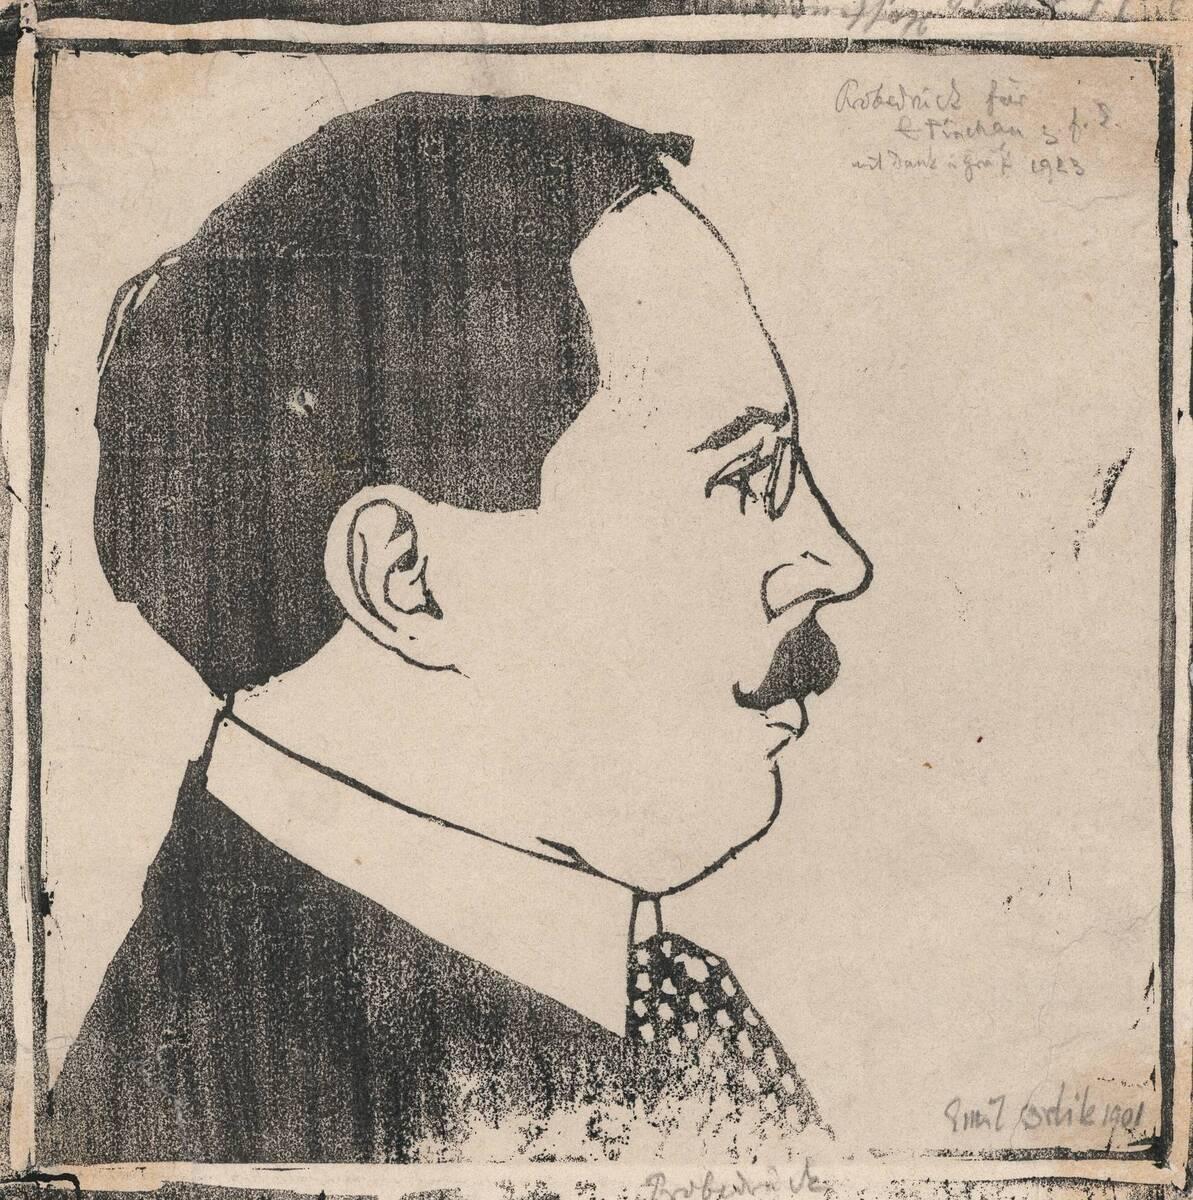 Porträt Josef Hoffmann (Probedruck) von Anonym